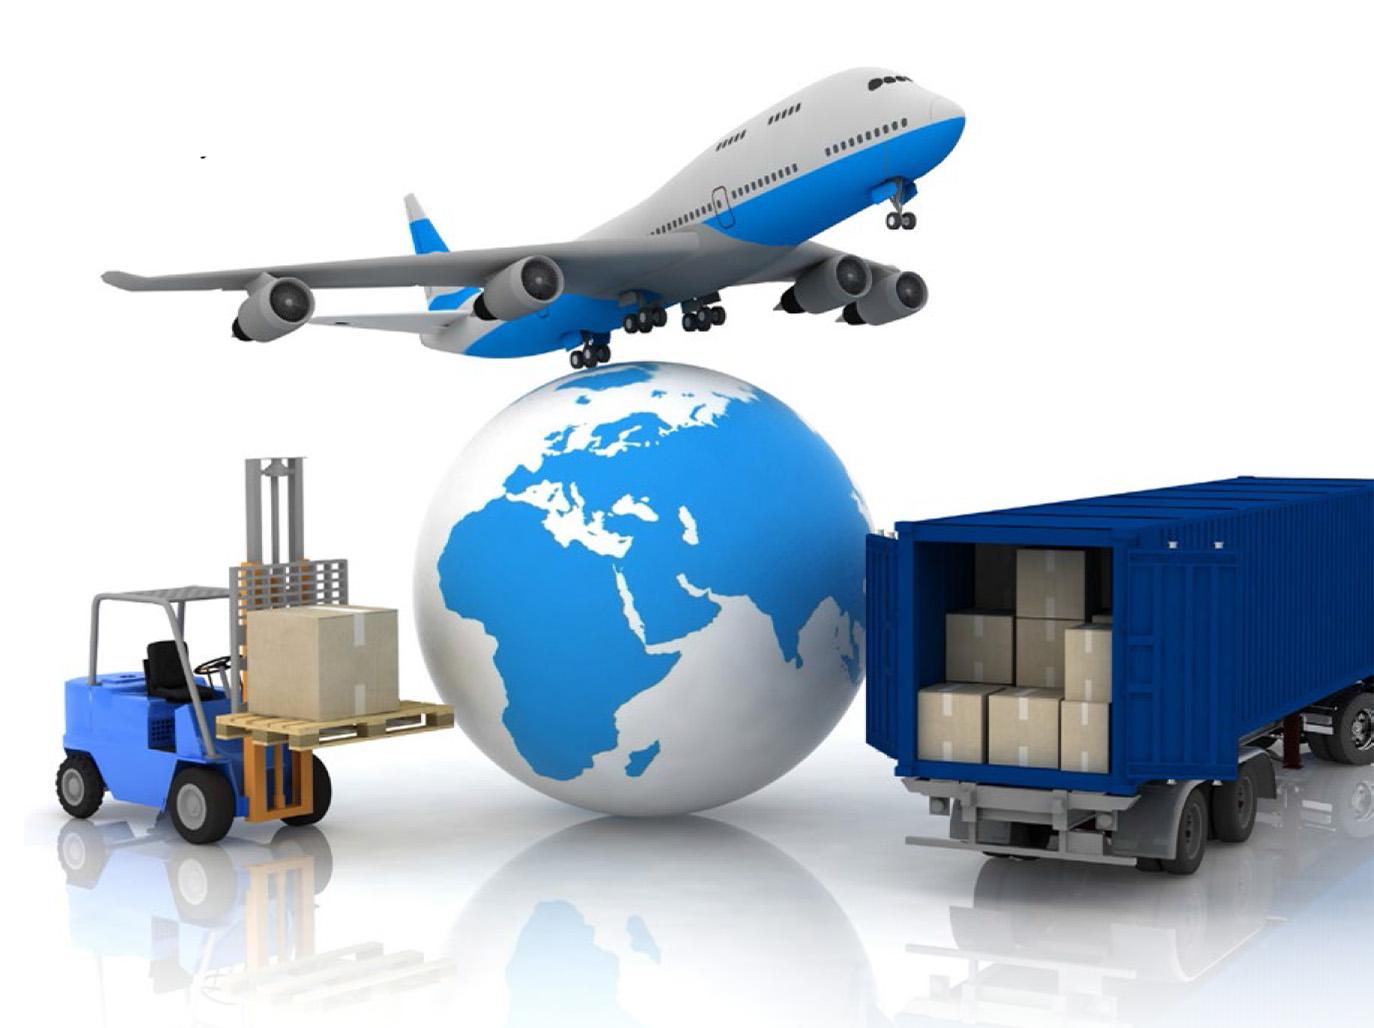 Dịch vụ vận chuyển  hàng hoá từ Đài Loan về Việt Nam cam kết giá rẻ, chất lượng và an toàn